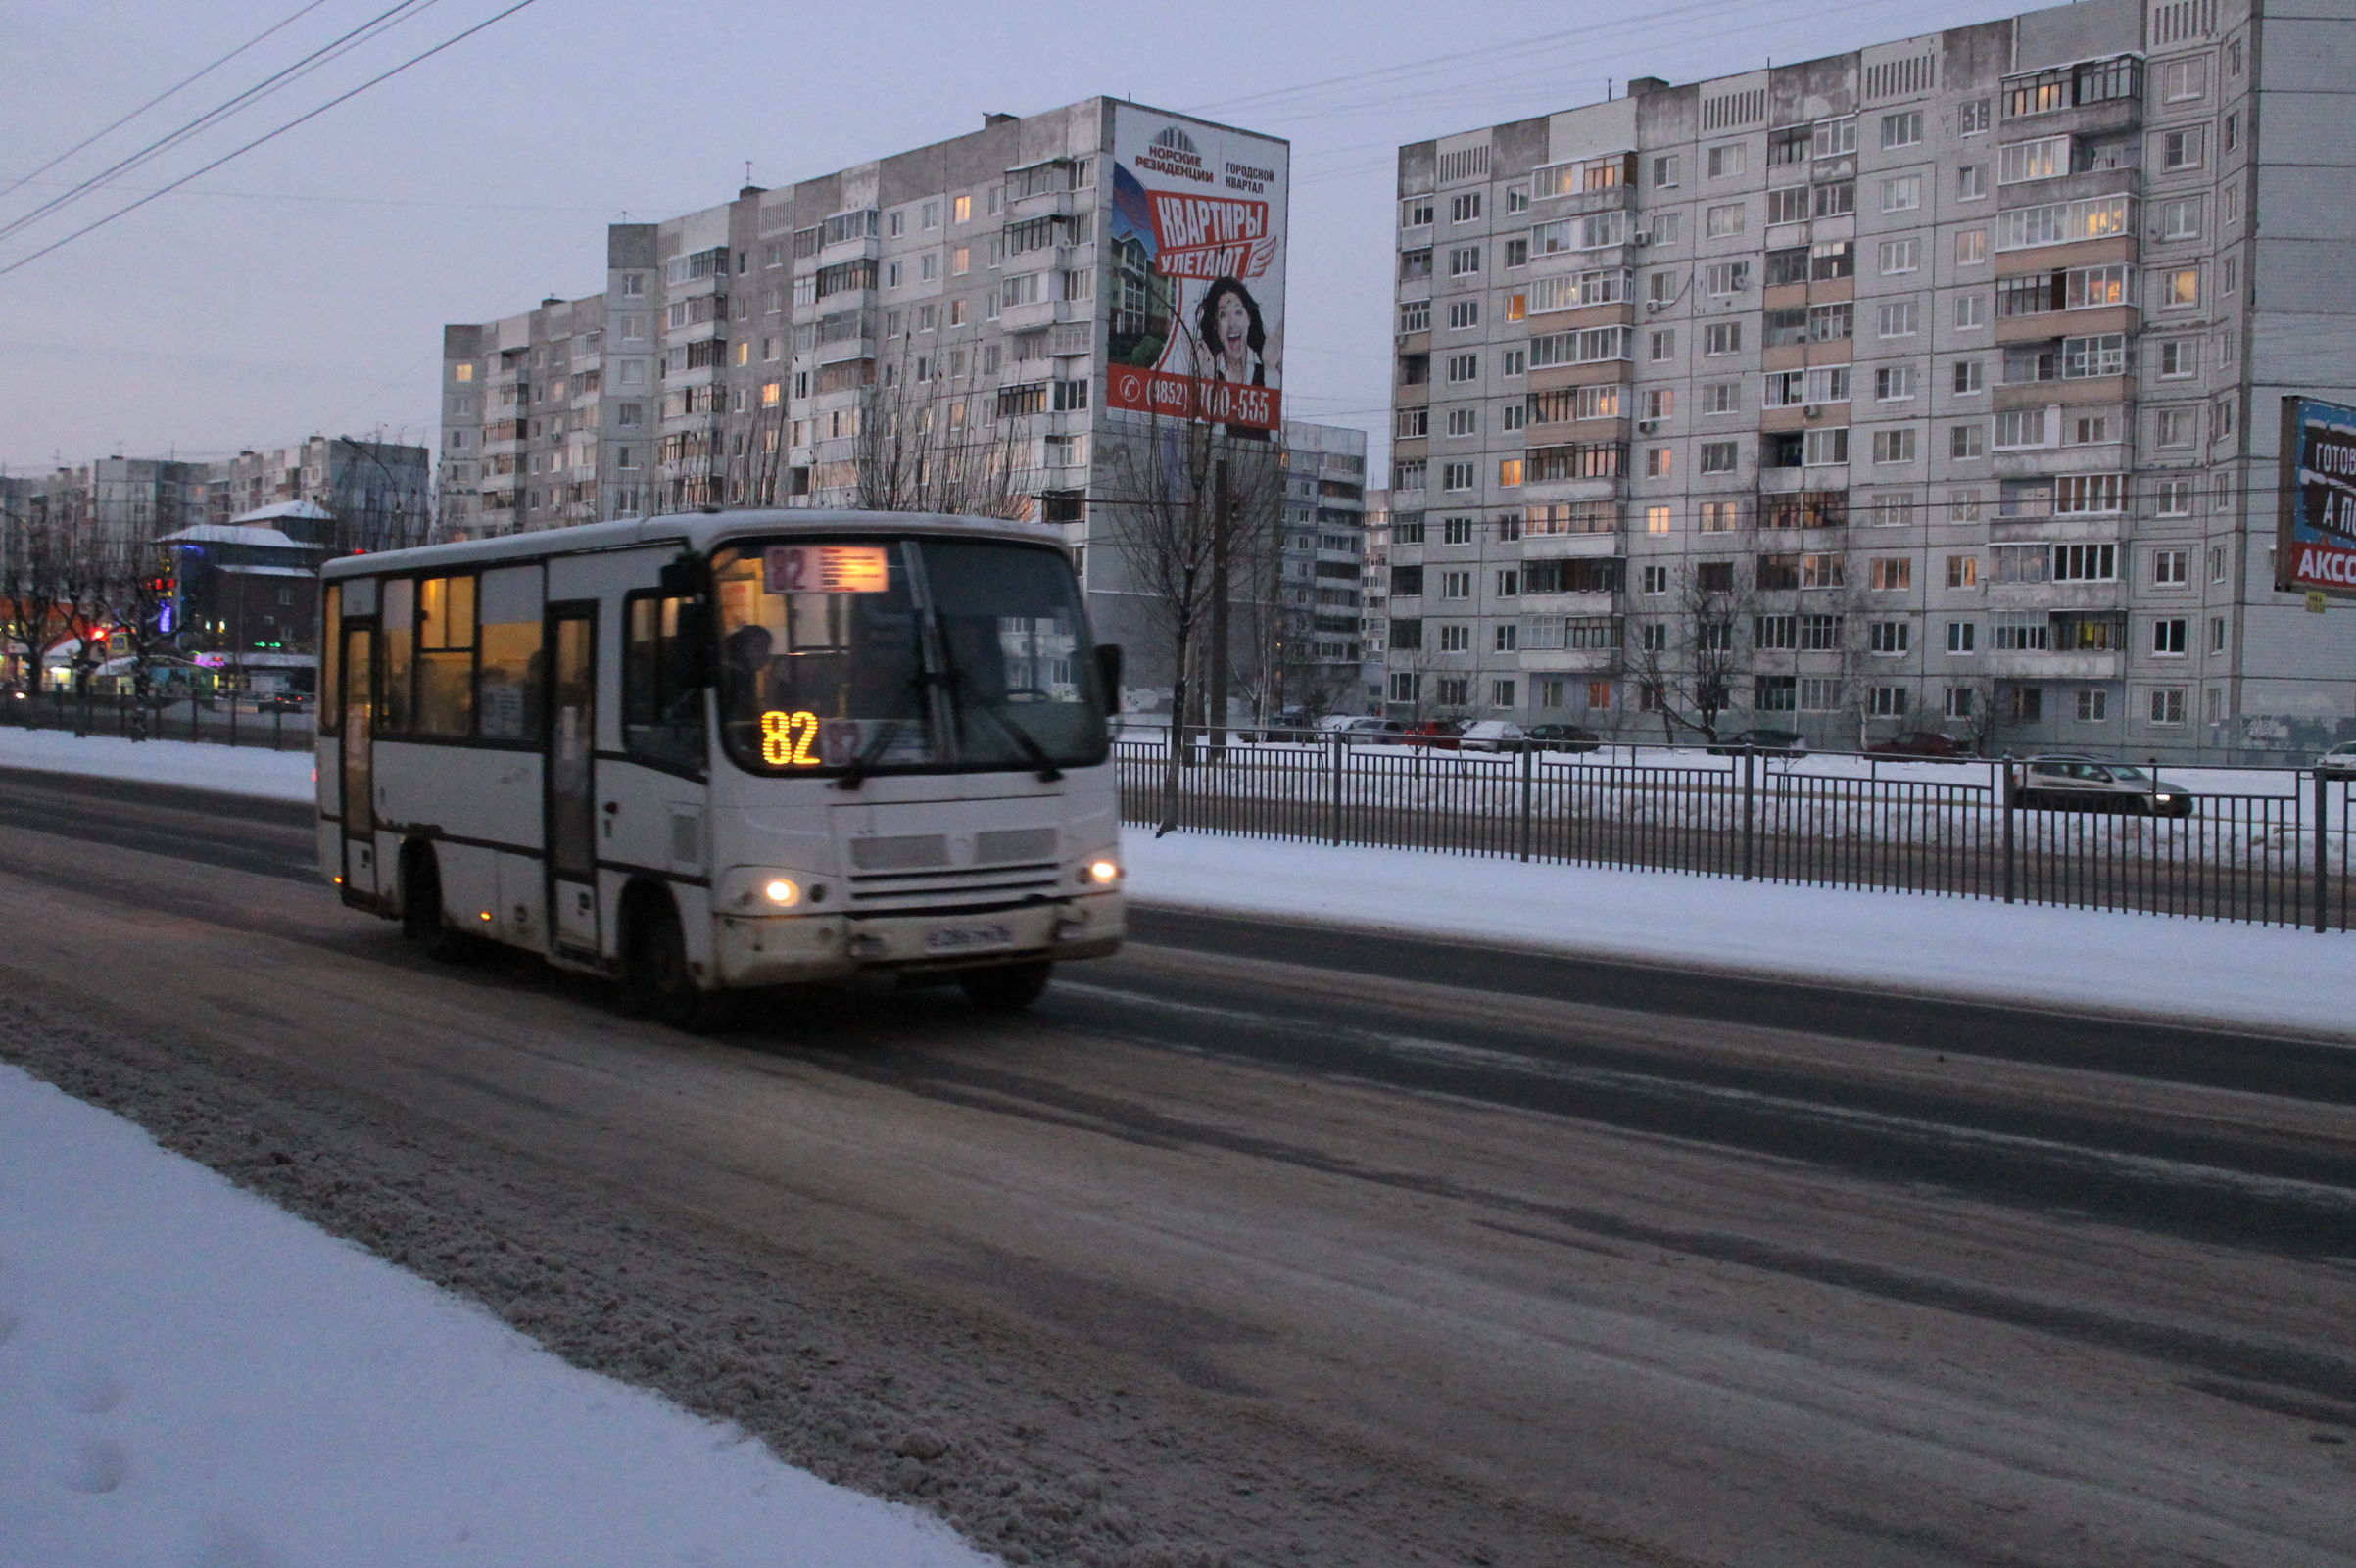 Официально: в 2021 году в Ярославле закрывается 25 автобусных маршрутов